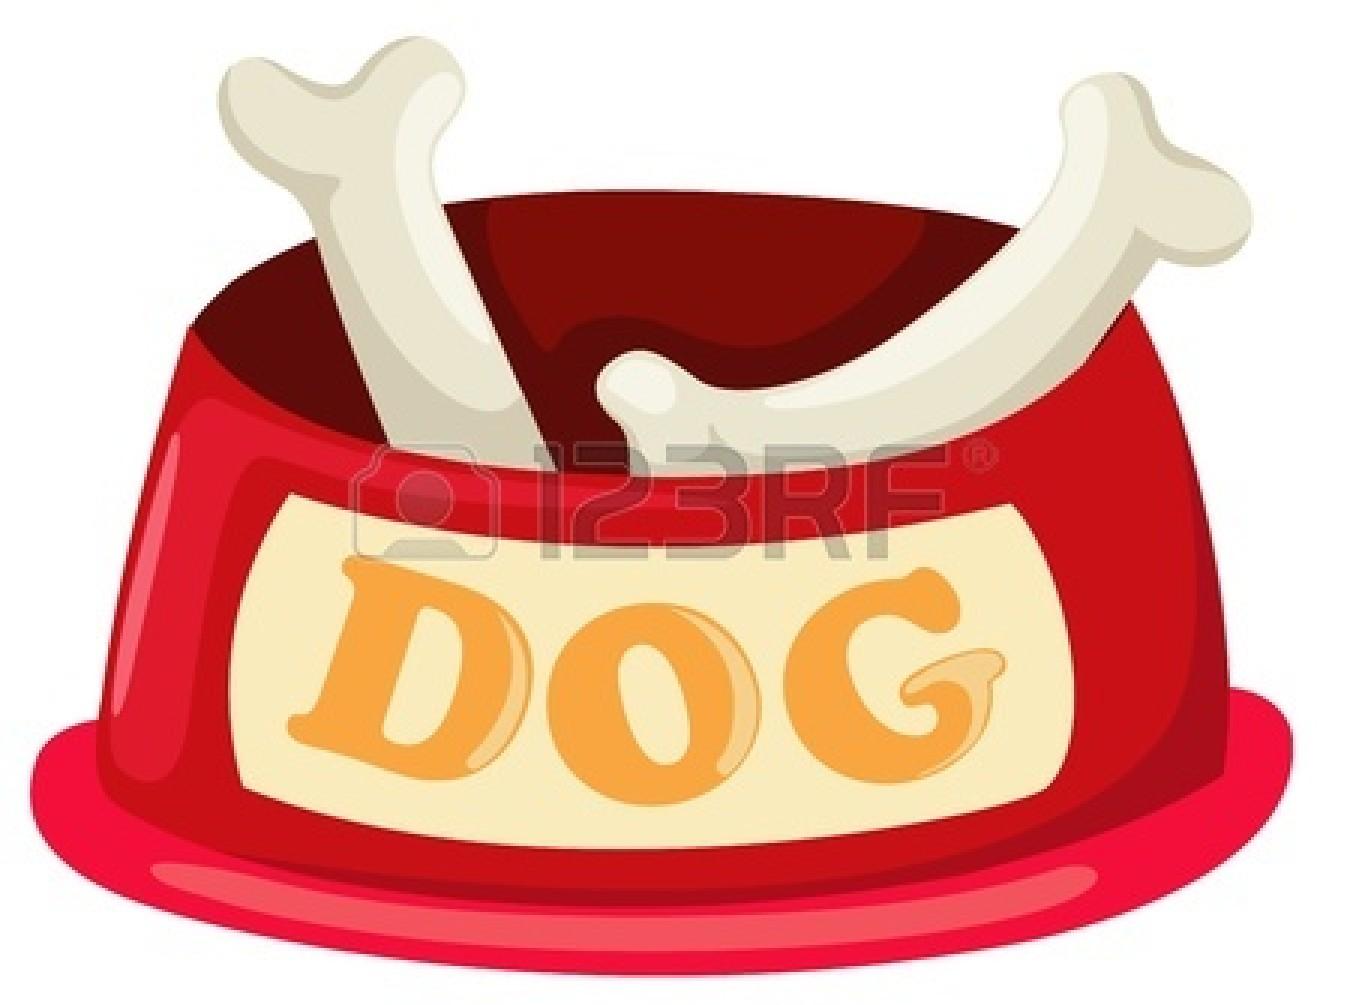 Bone clipart vector. Bones red dog pencil